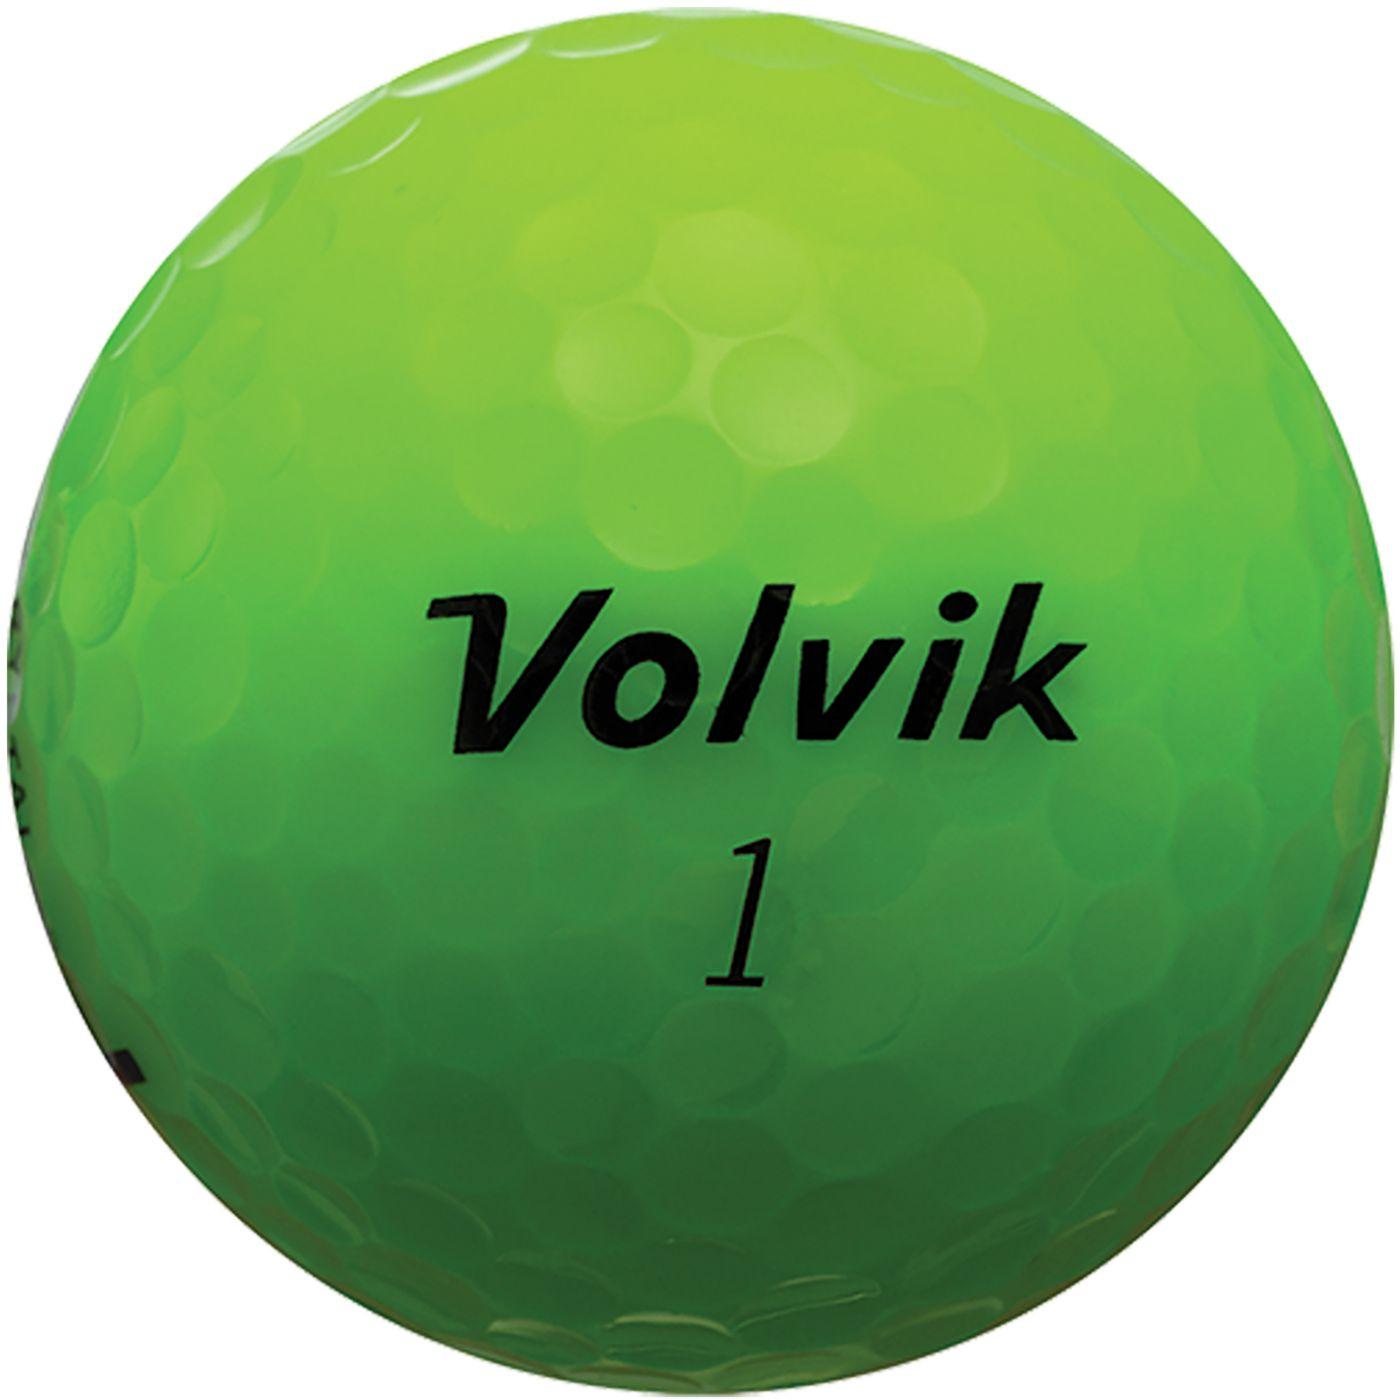 Volvik 2018 Crystal Green Golf Balls